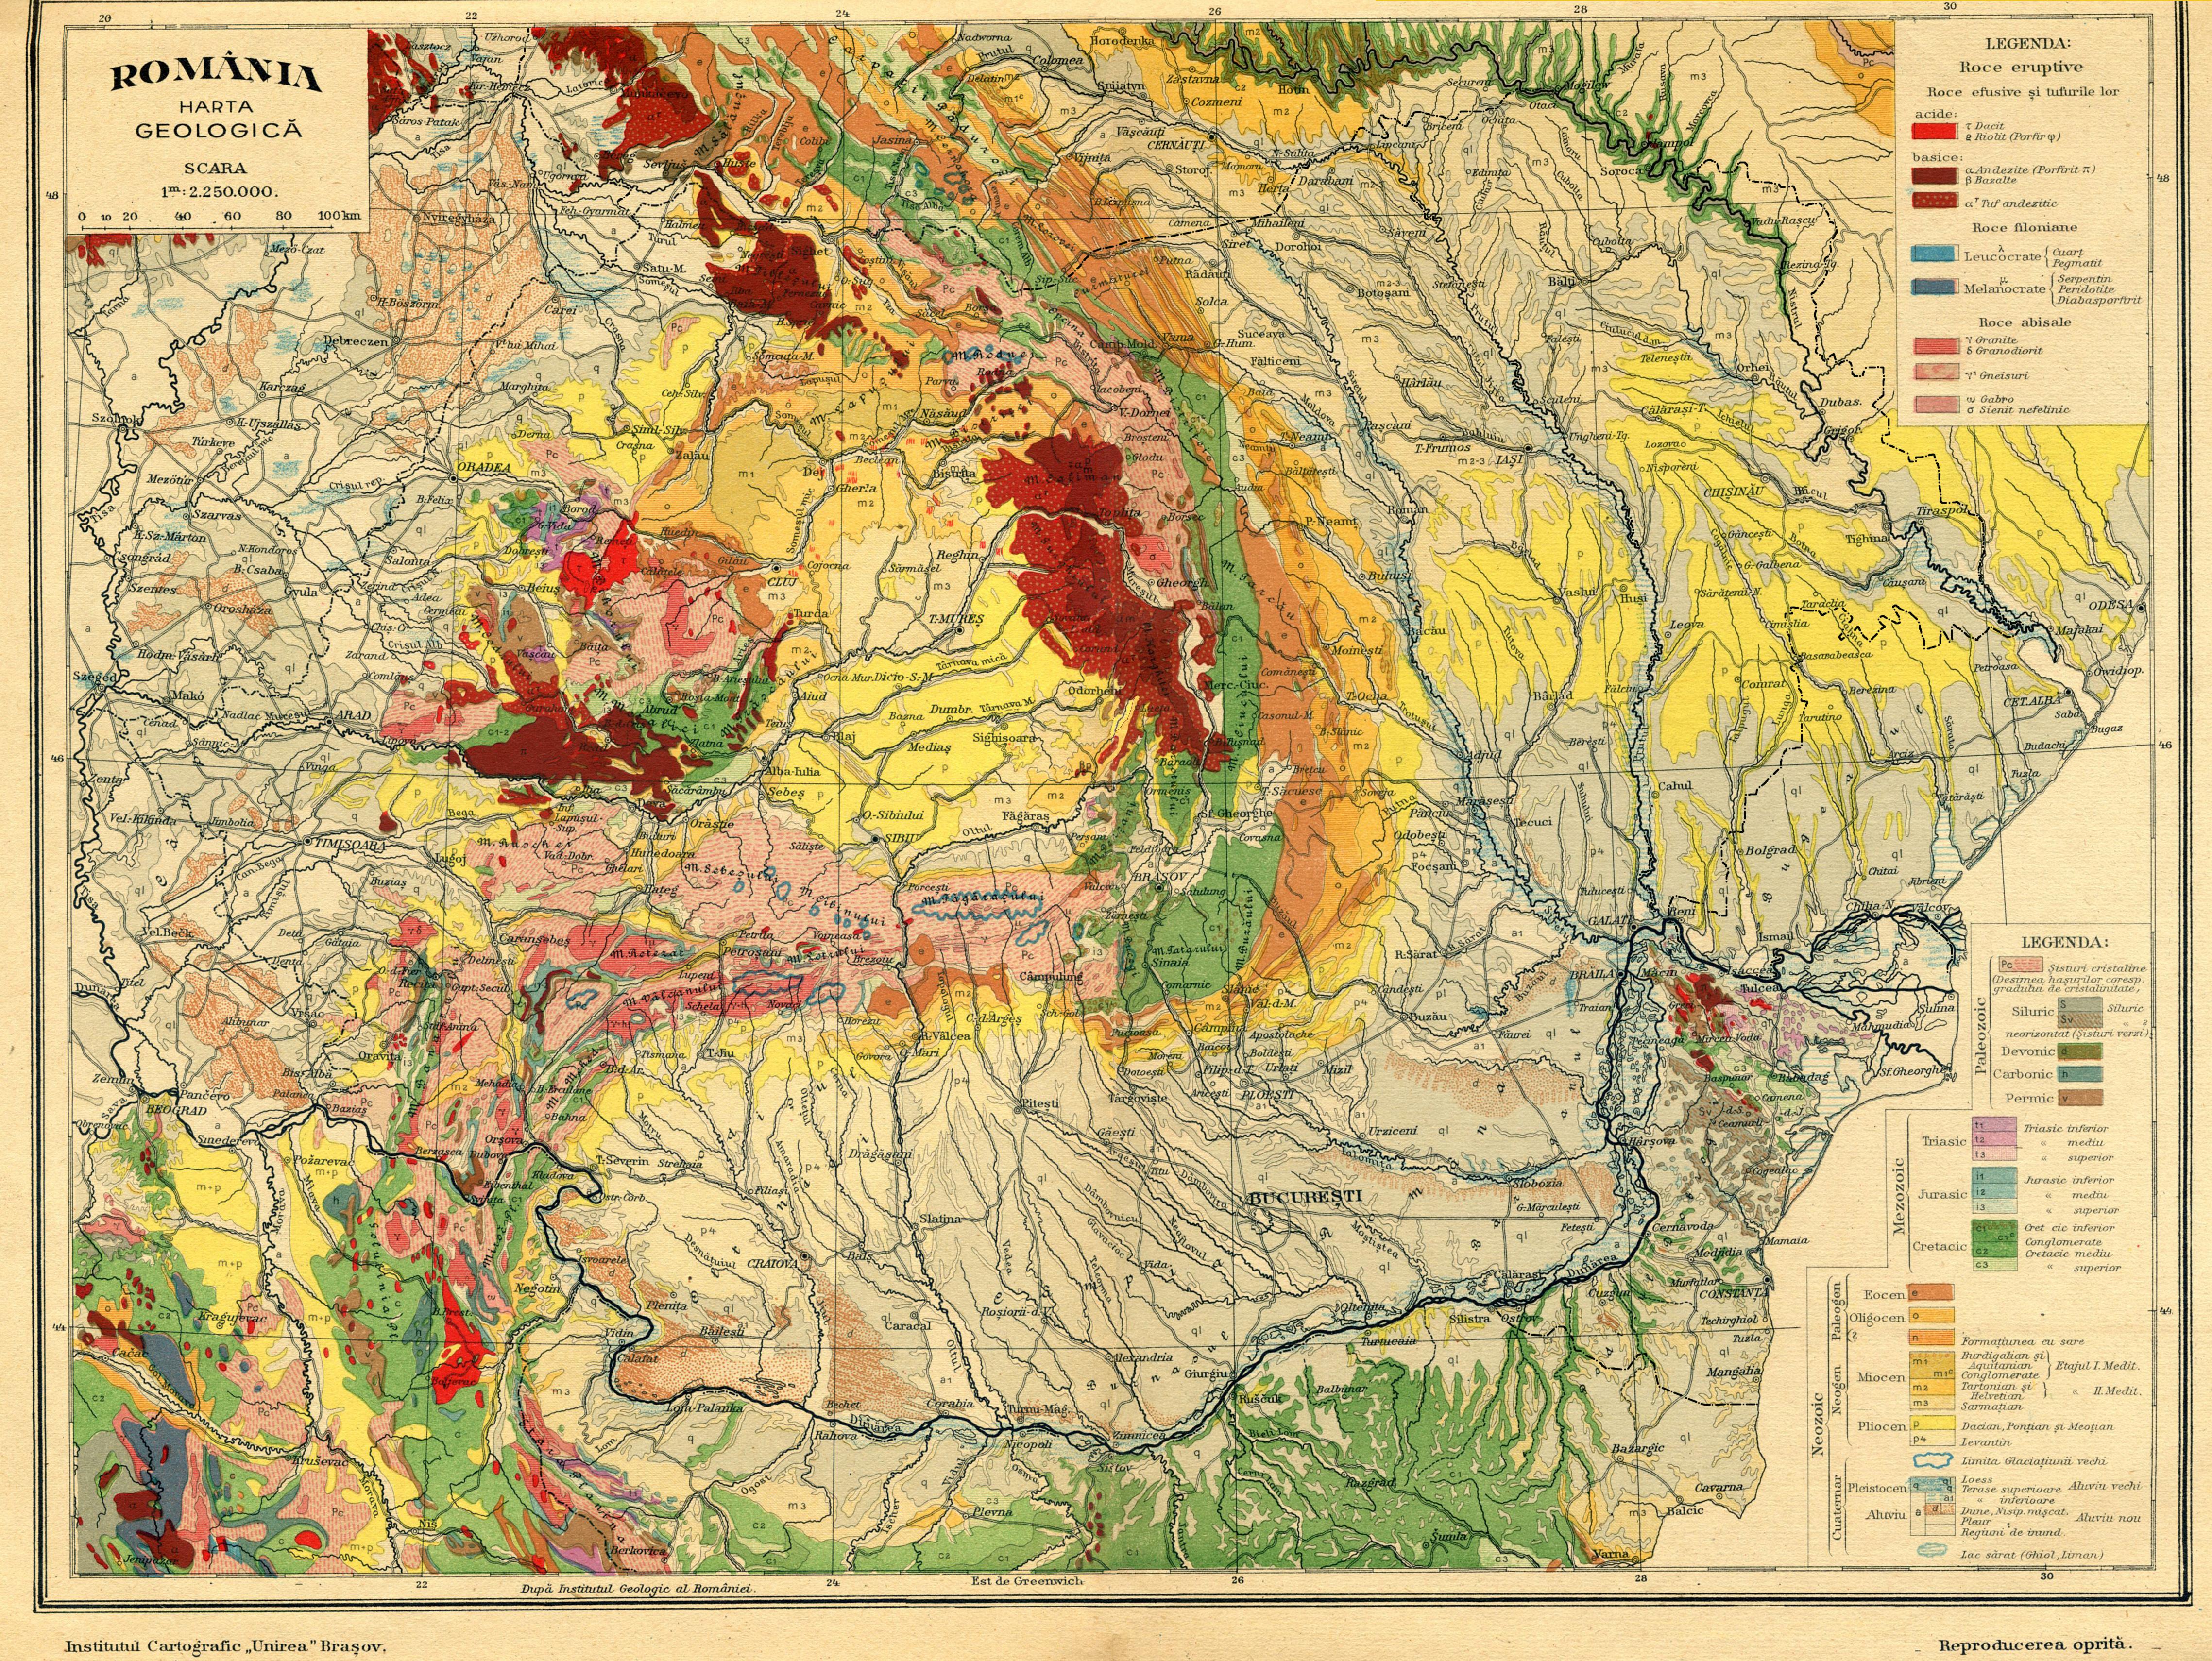 Harta geologica a Romaniei